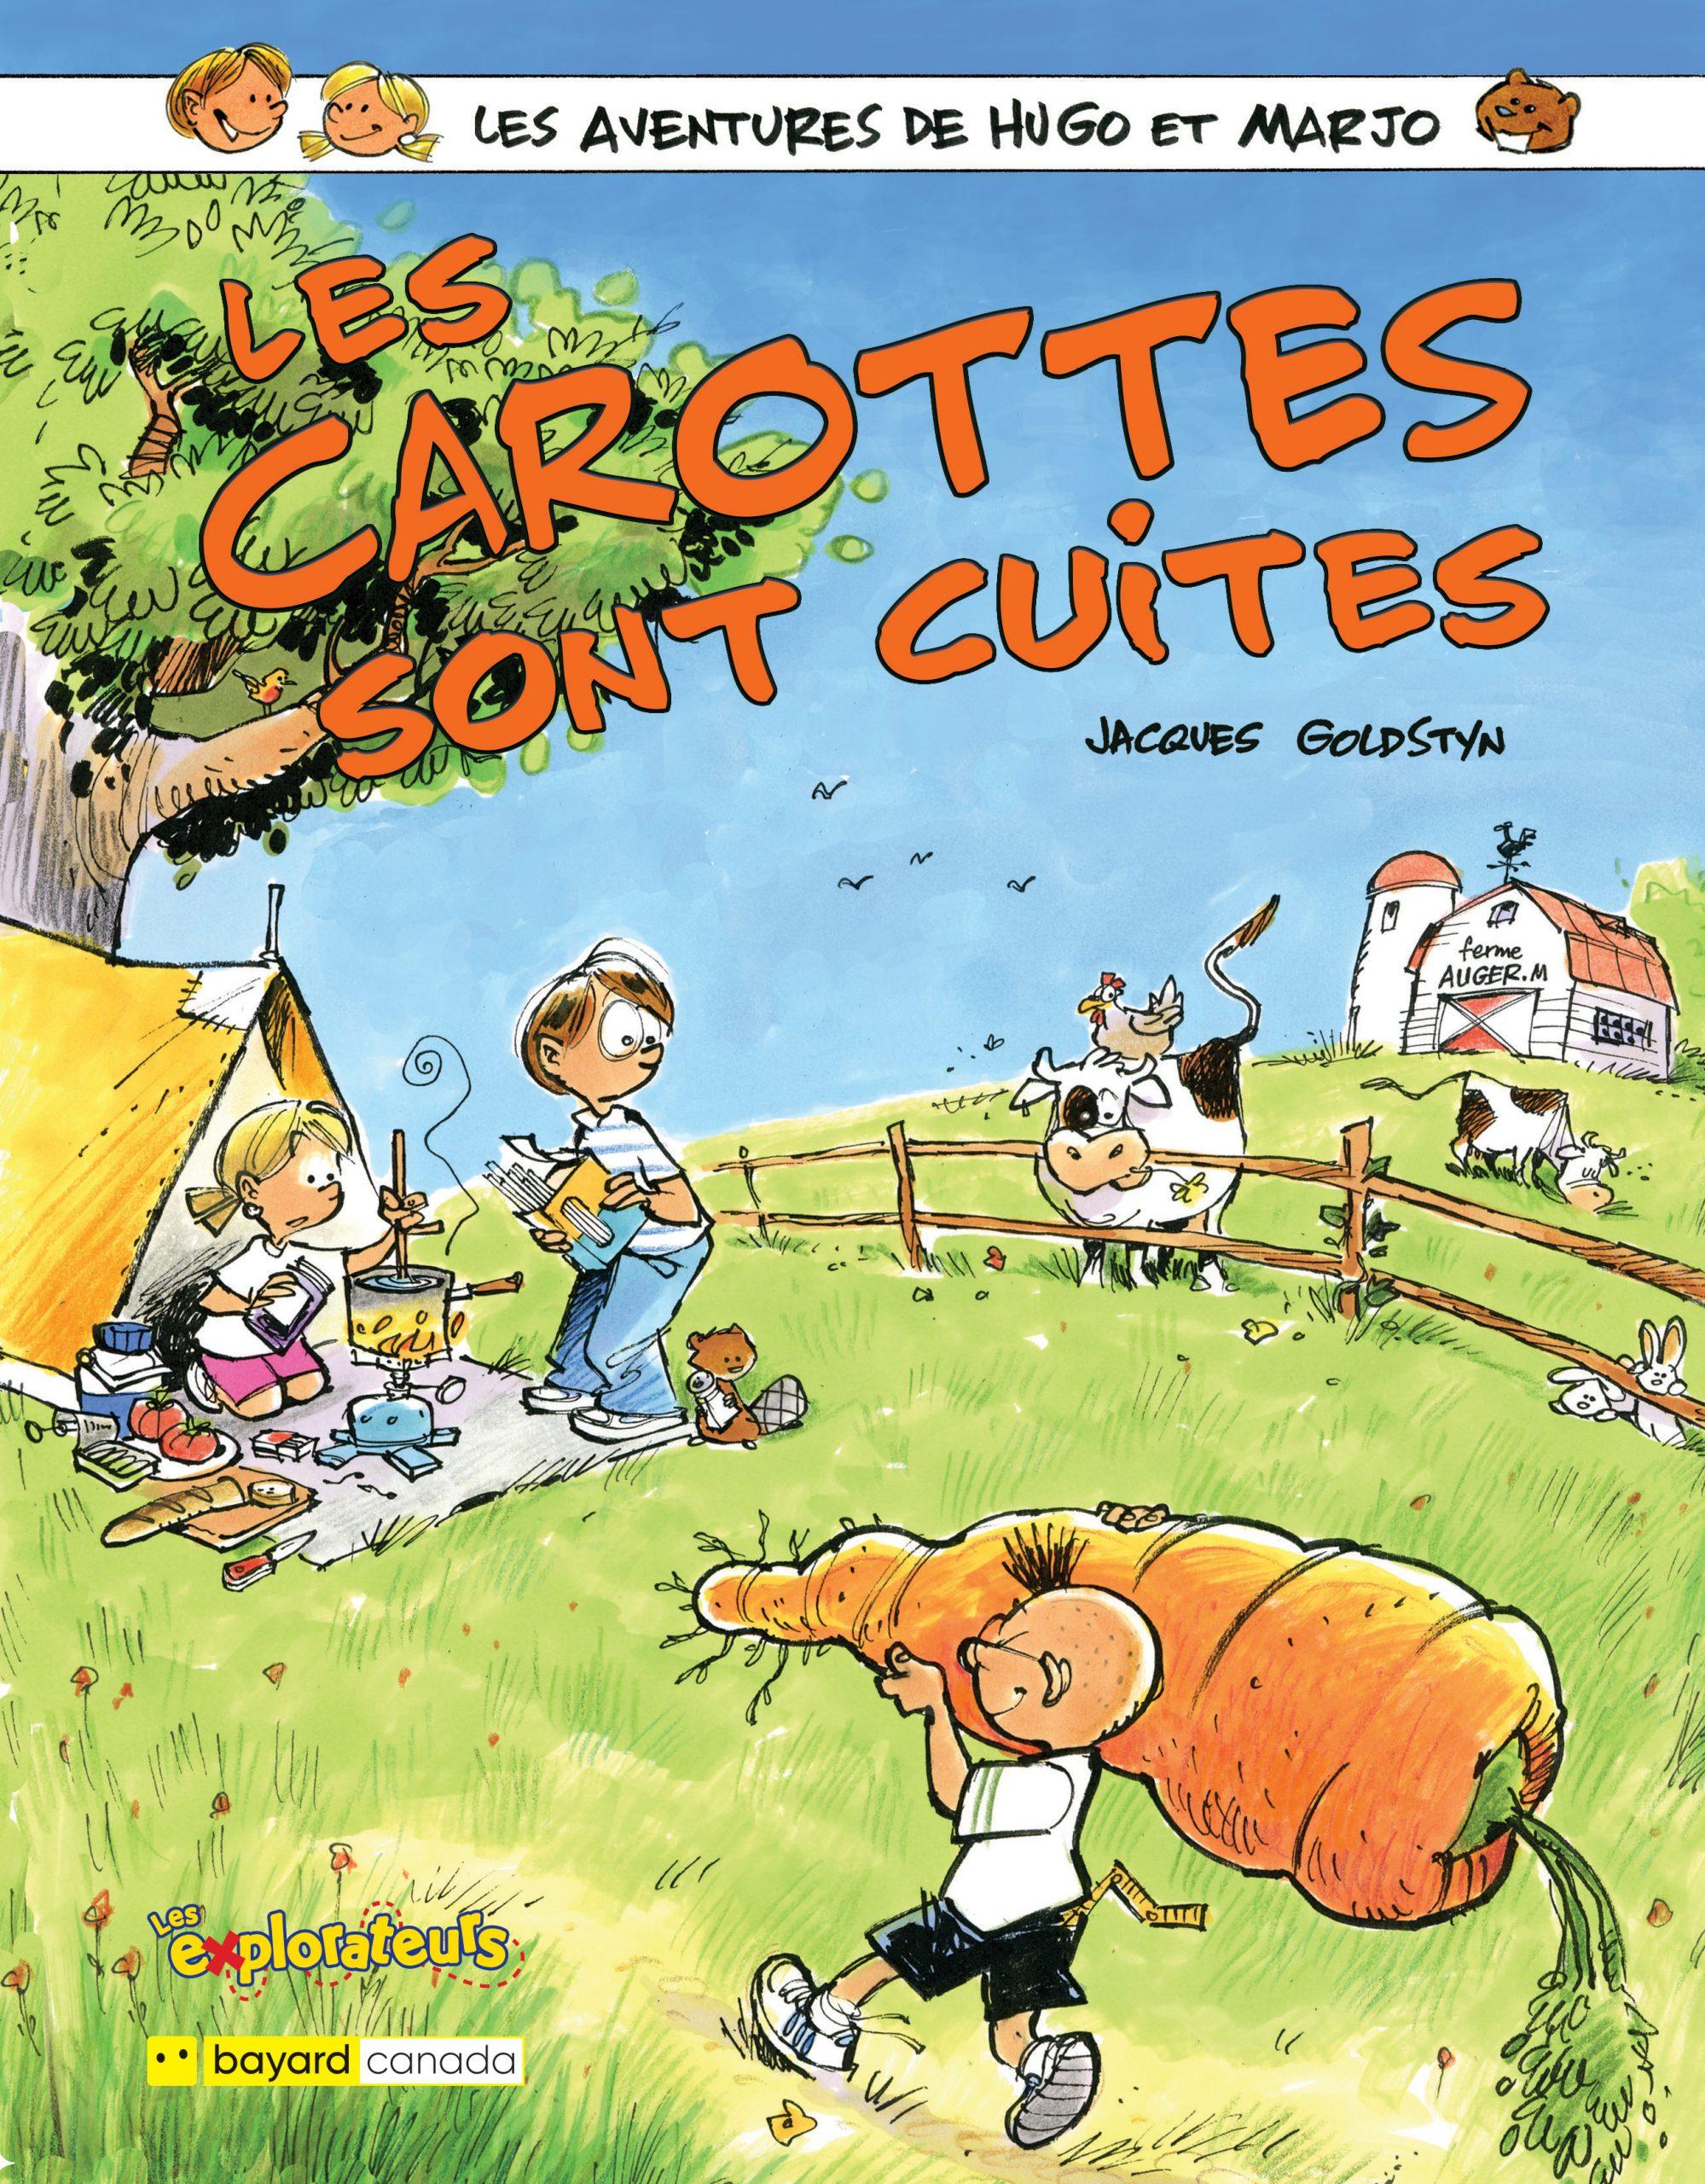 Les carottes sont cuites : Les aventures de Hugo et Marjo